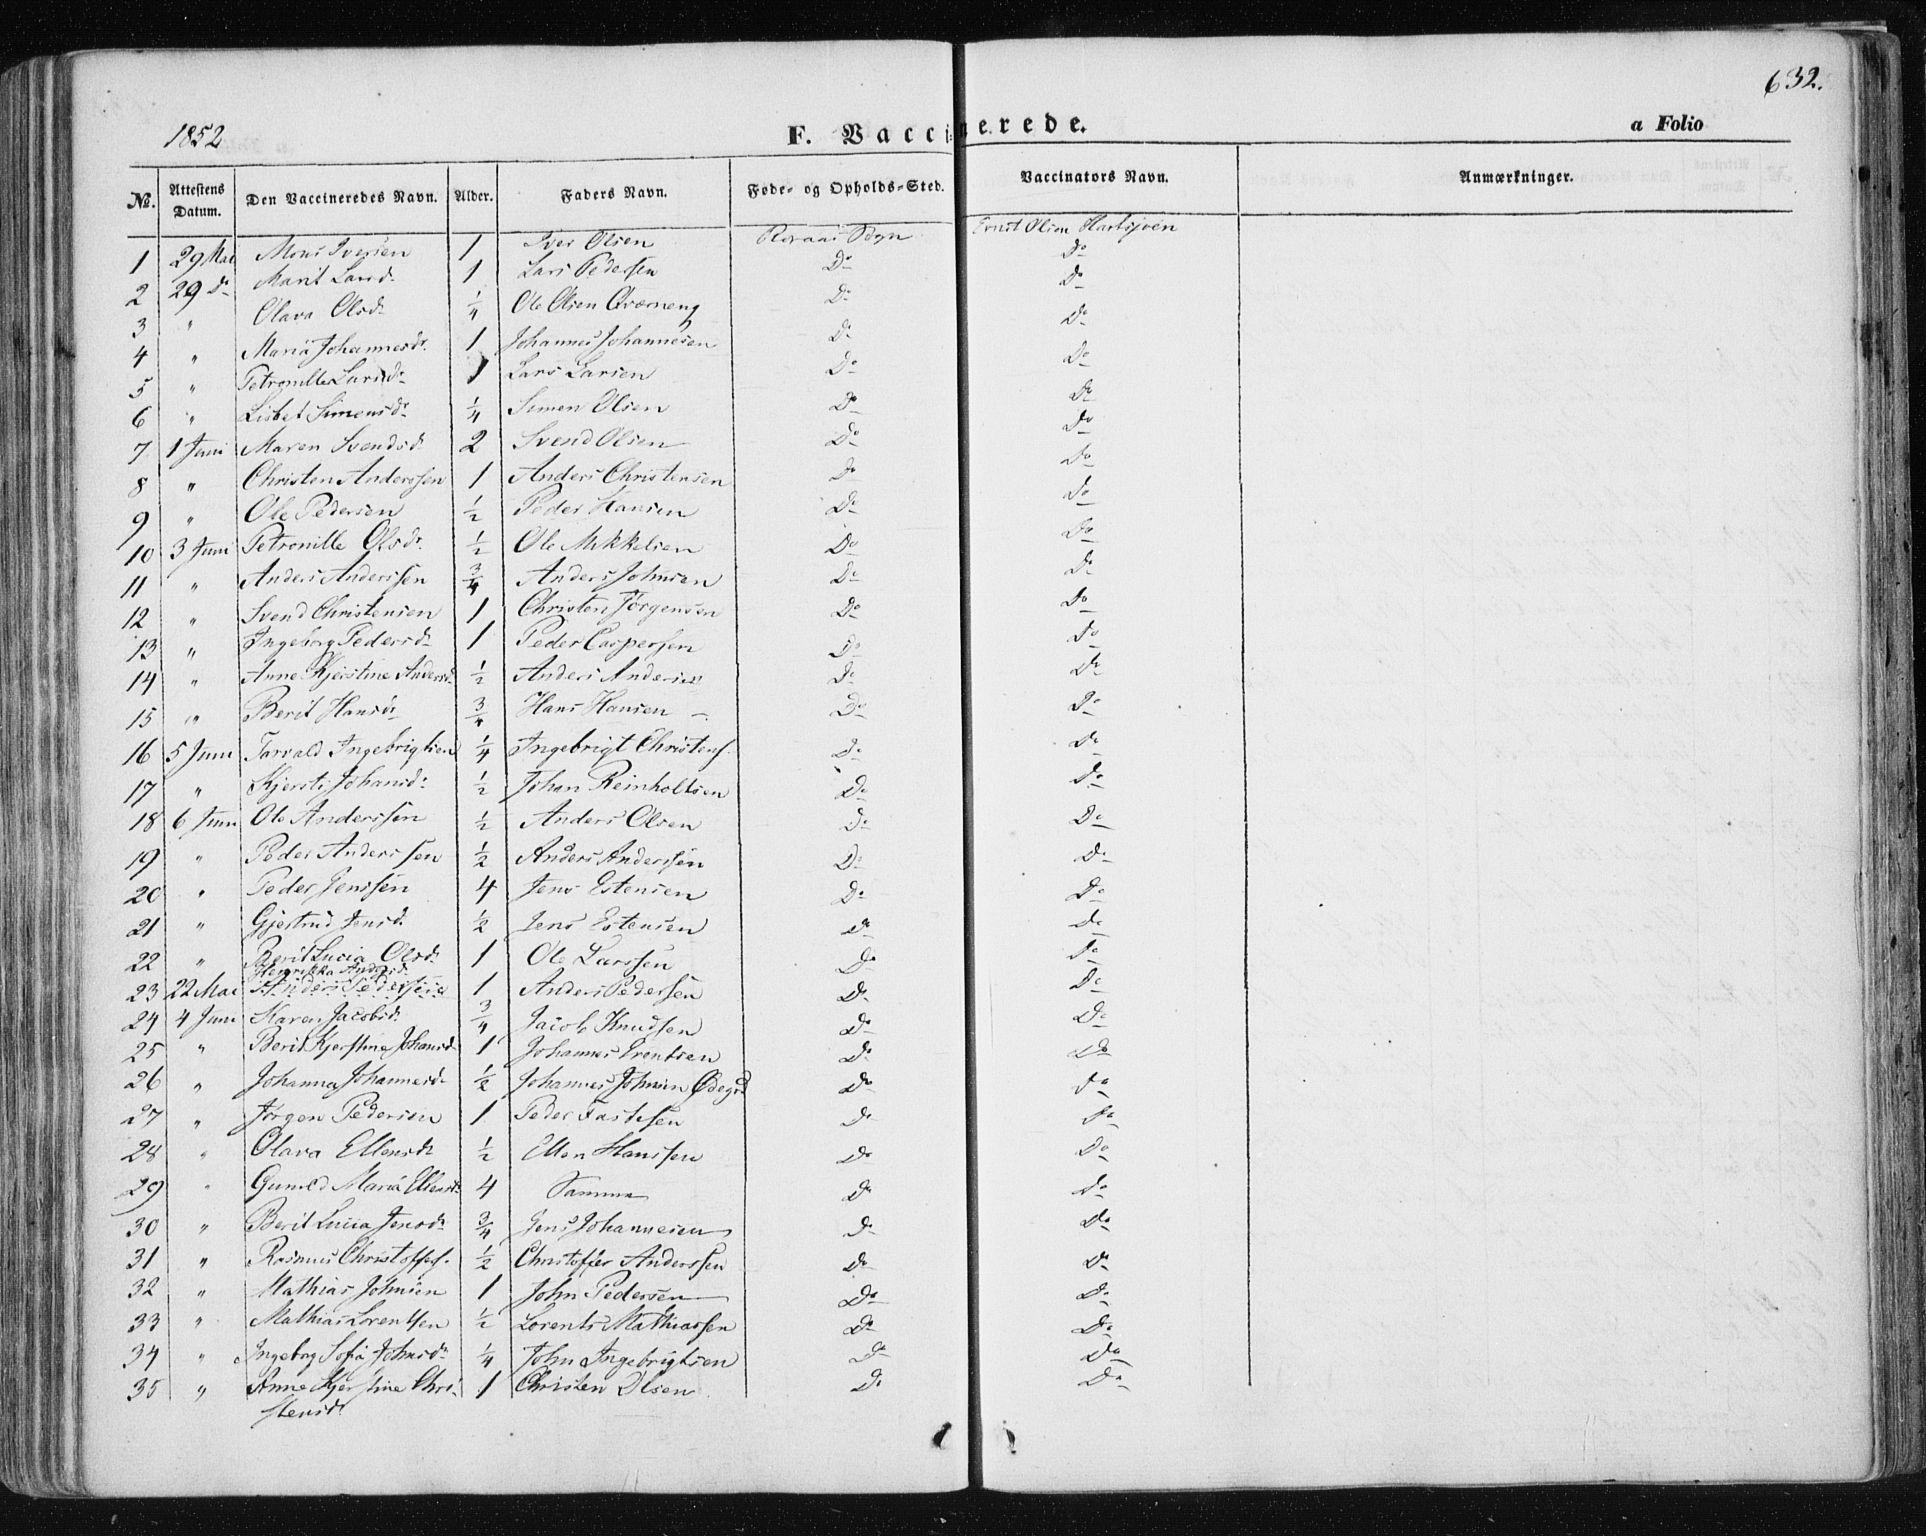 SAT, Ministerialprotokoller, klokkerbøker og fødselsregistre - Sør-Trøndelag, 681/L0931: Ministerialbok nr. 681A09, 1845-1859, s. 632